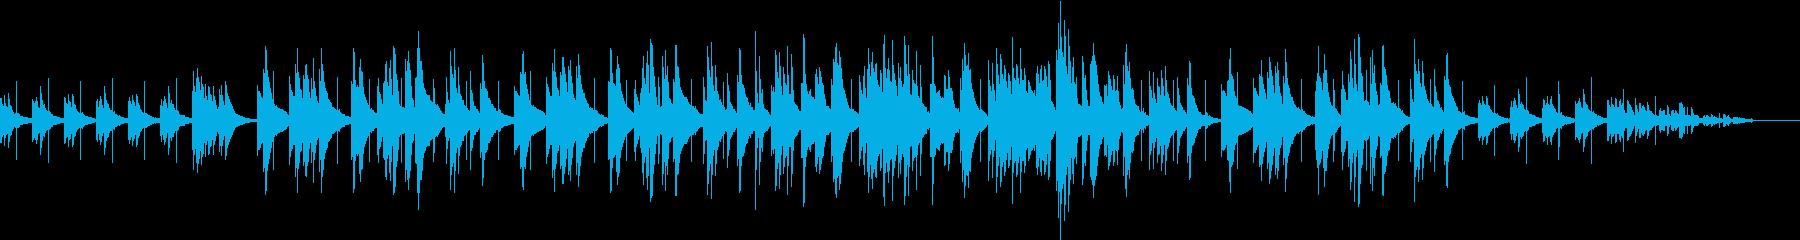 ミステリアスとポップをピアノで表現の再生済みの波形